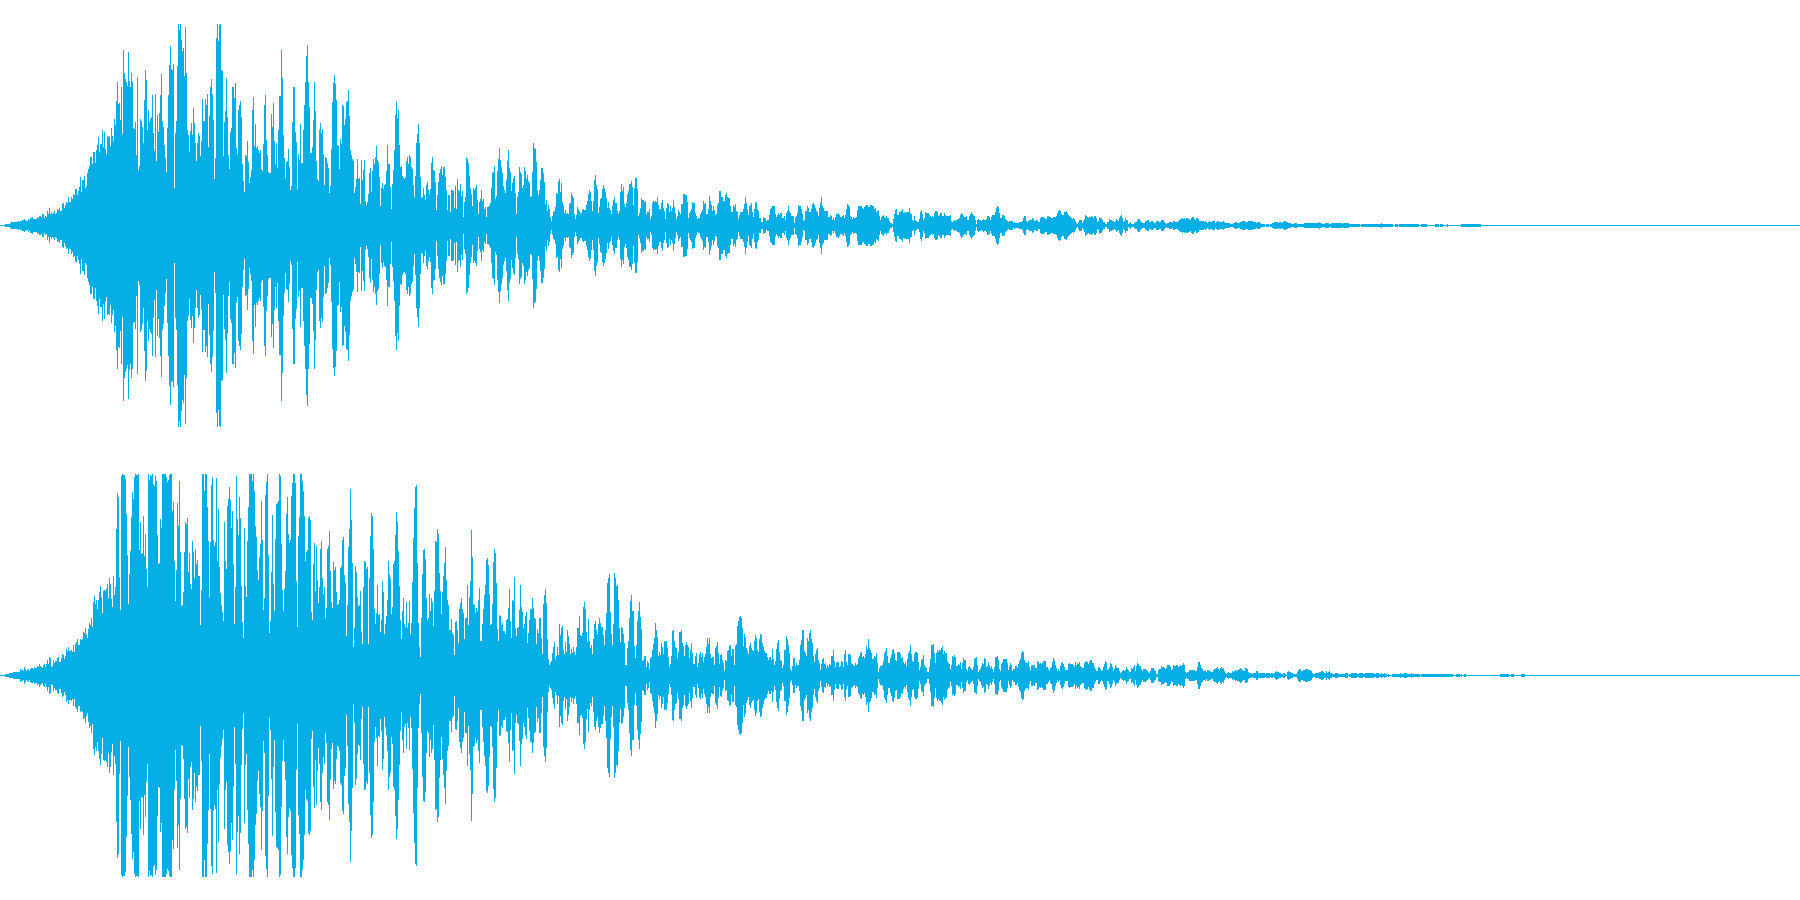 シュードーン-18-3(インパクト音)の再生済みの波形